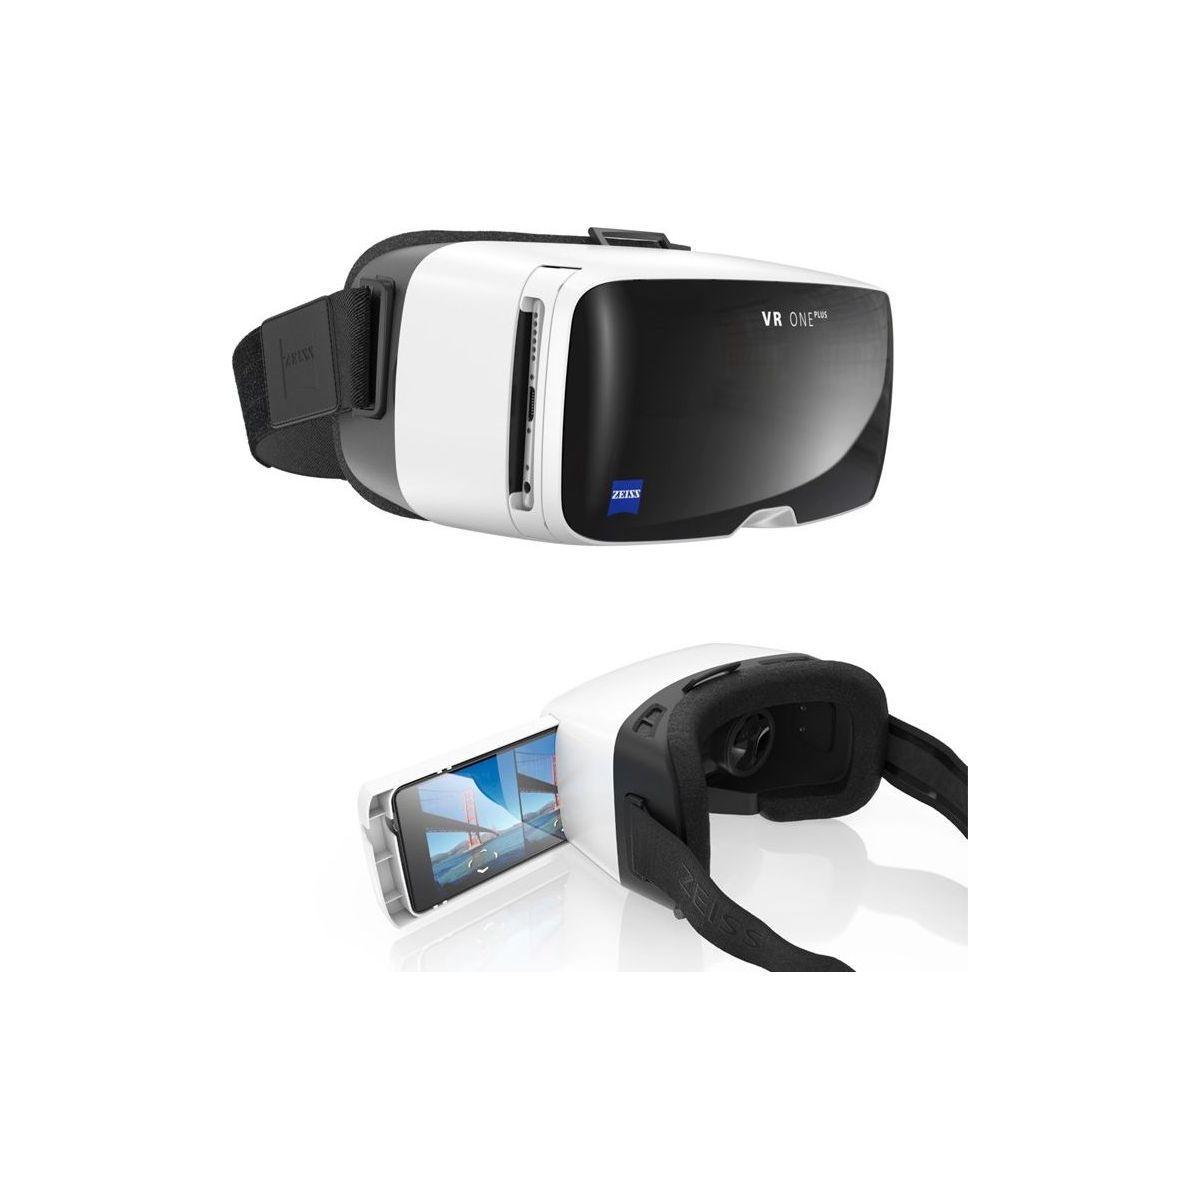 Casque de réalité virtuelle pour smartphone zeiss one plus - 2% de remise immédiate avec le code : cool2 (photo)